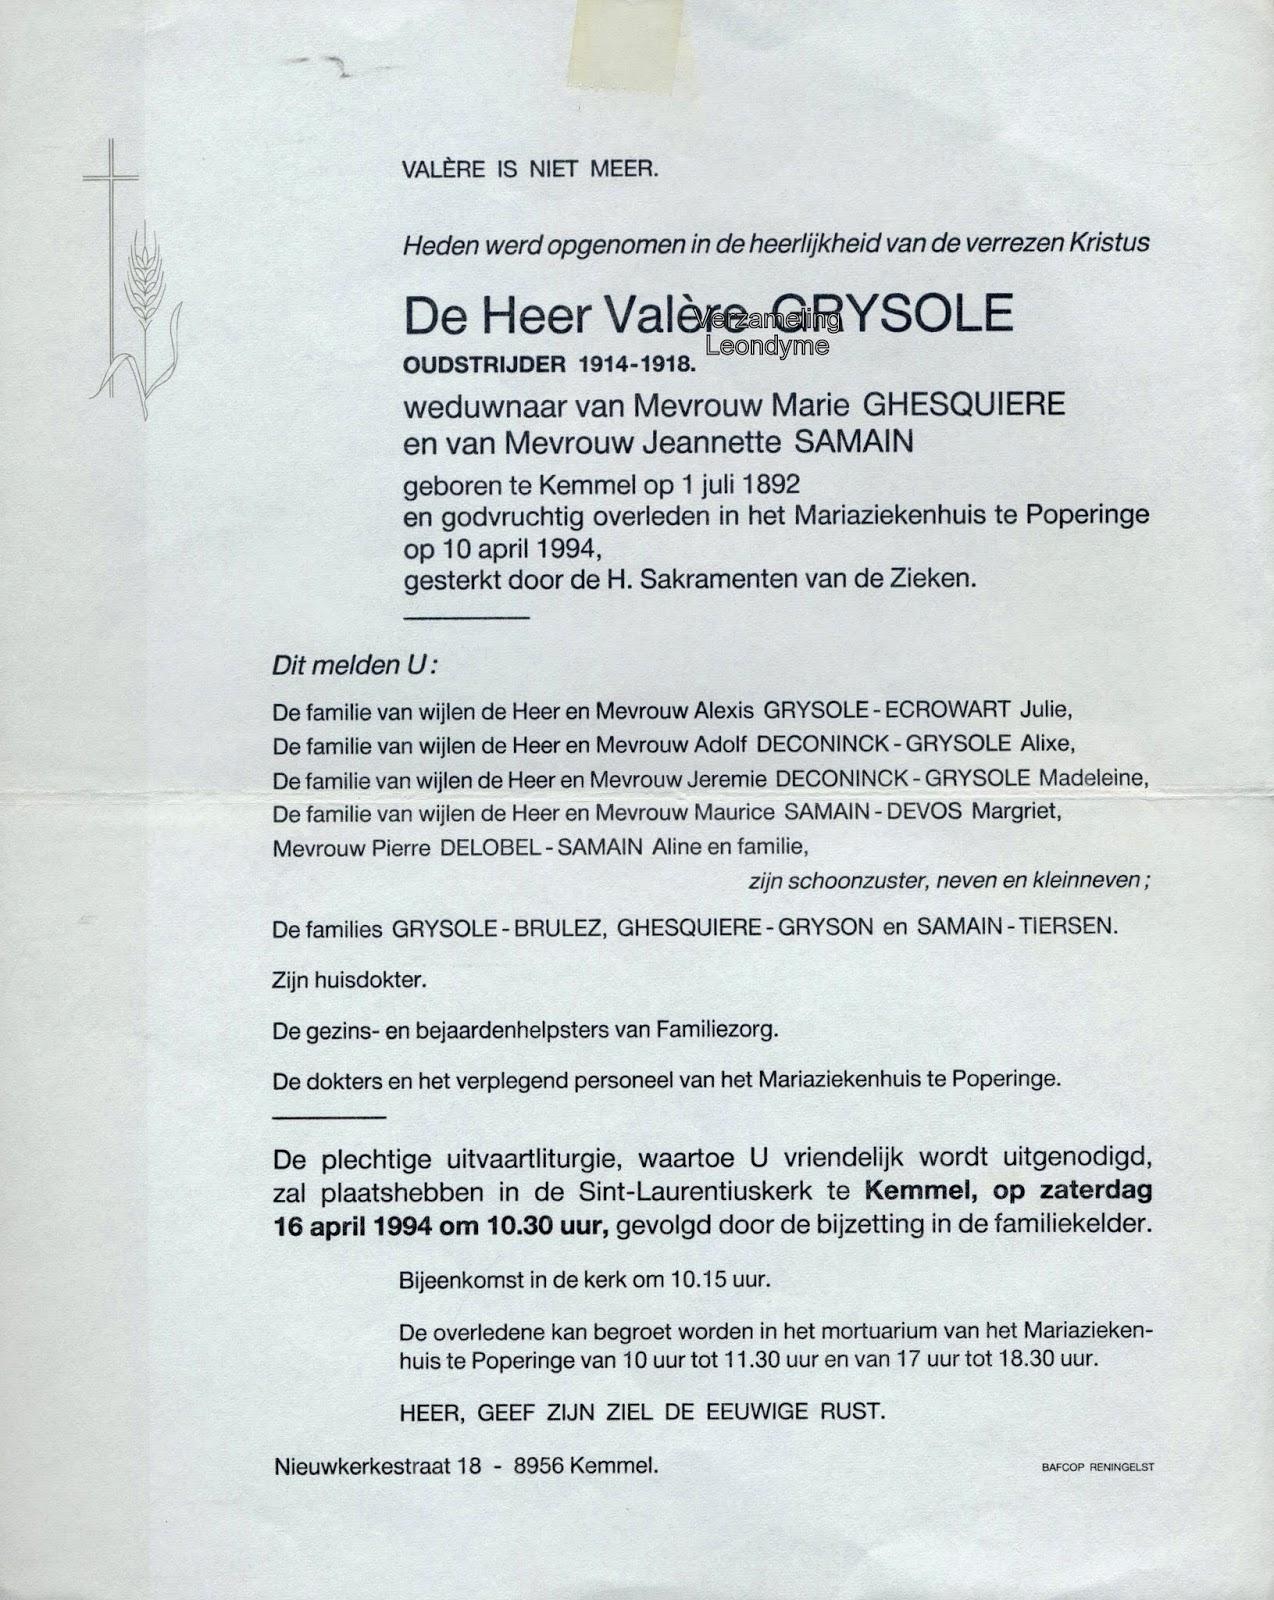 Rouwbrief, Valère Grysole 1892-1994. Verzameling Leondyme.